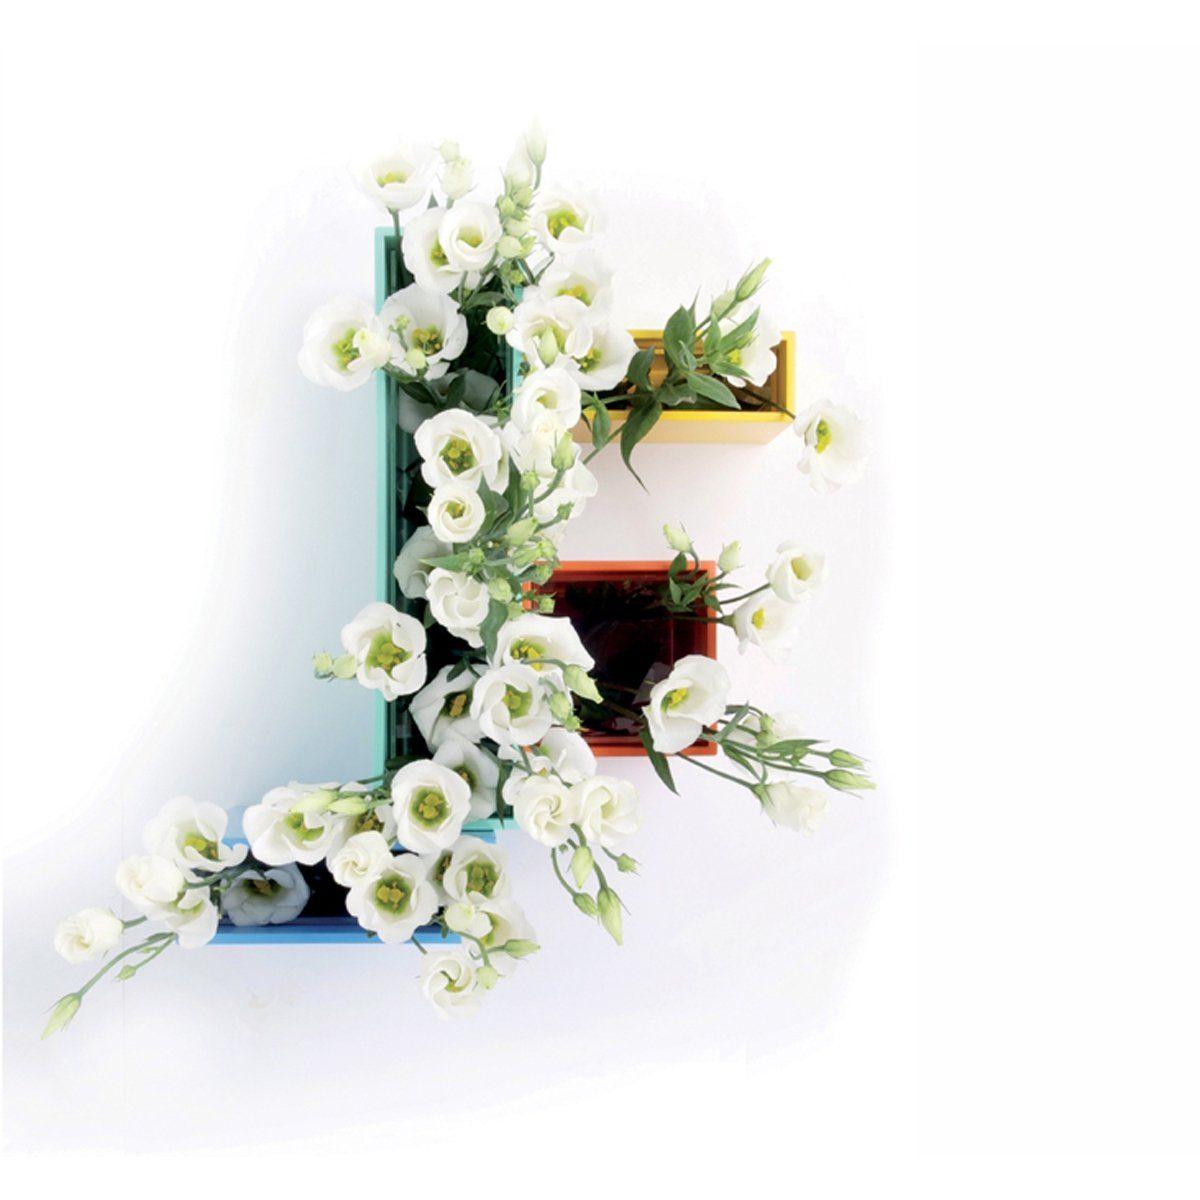 XLBoom XLBOOM Vase Luca, 4er Set, weiß - broschei